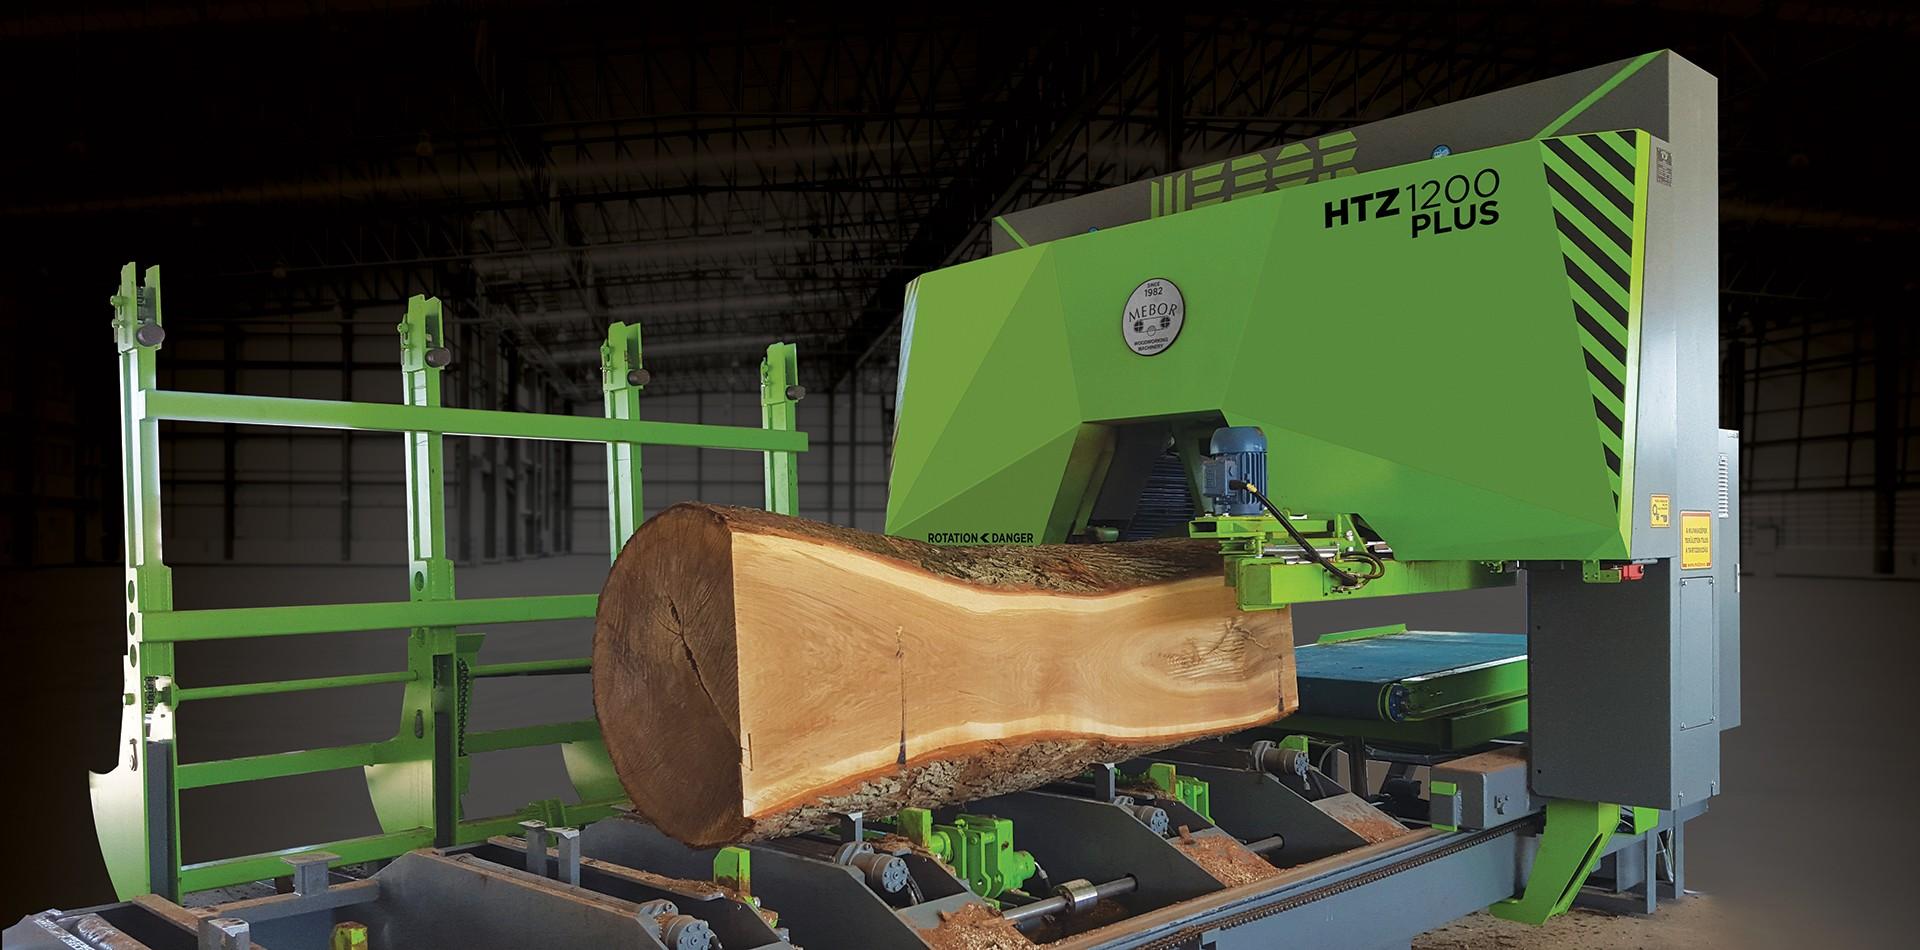 Max-Box - Drewno - Nowy Sącz, Kraków, Mebor - wyposażenie tartaków, przetwórstwo drzewa, korowanie, obrzynanie cięcie, piły tartaczne, piły taśmowe, serwis pił, ostrzenie pił, stellitowanie, naprężanie